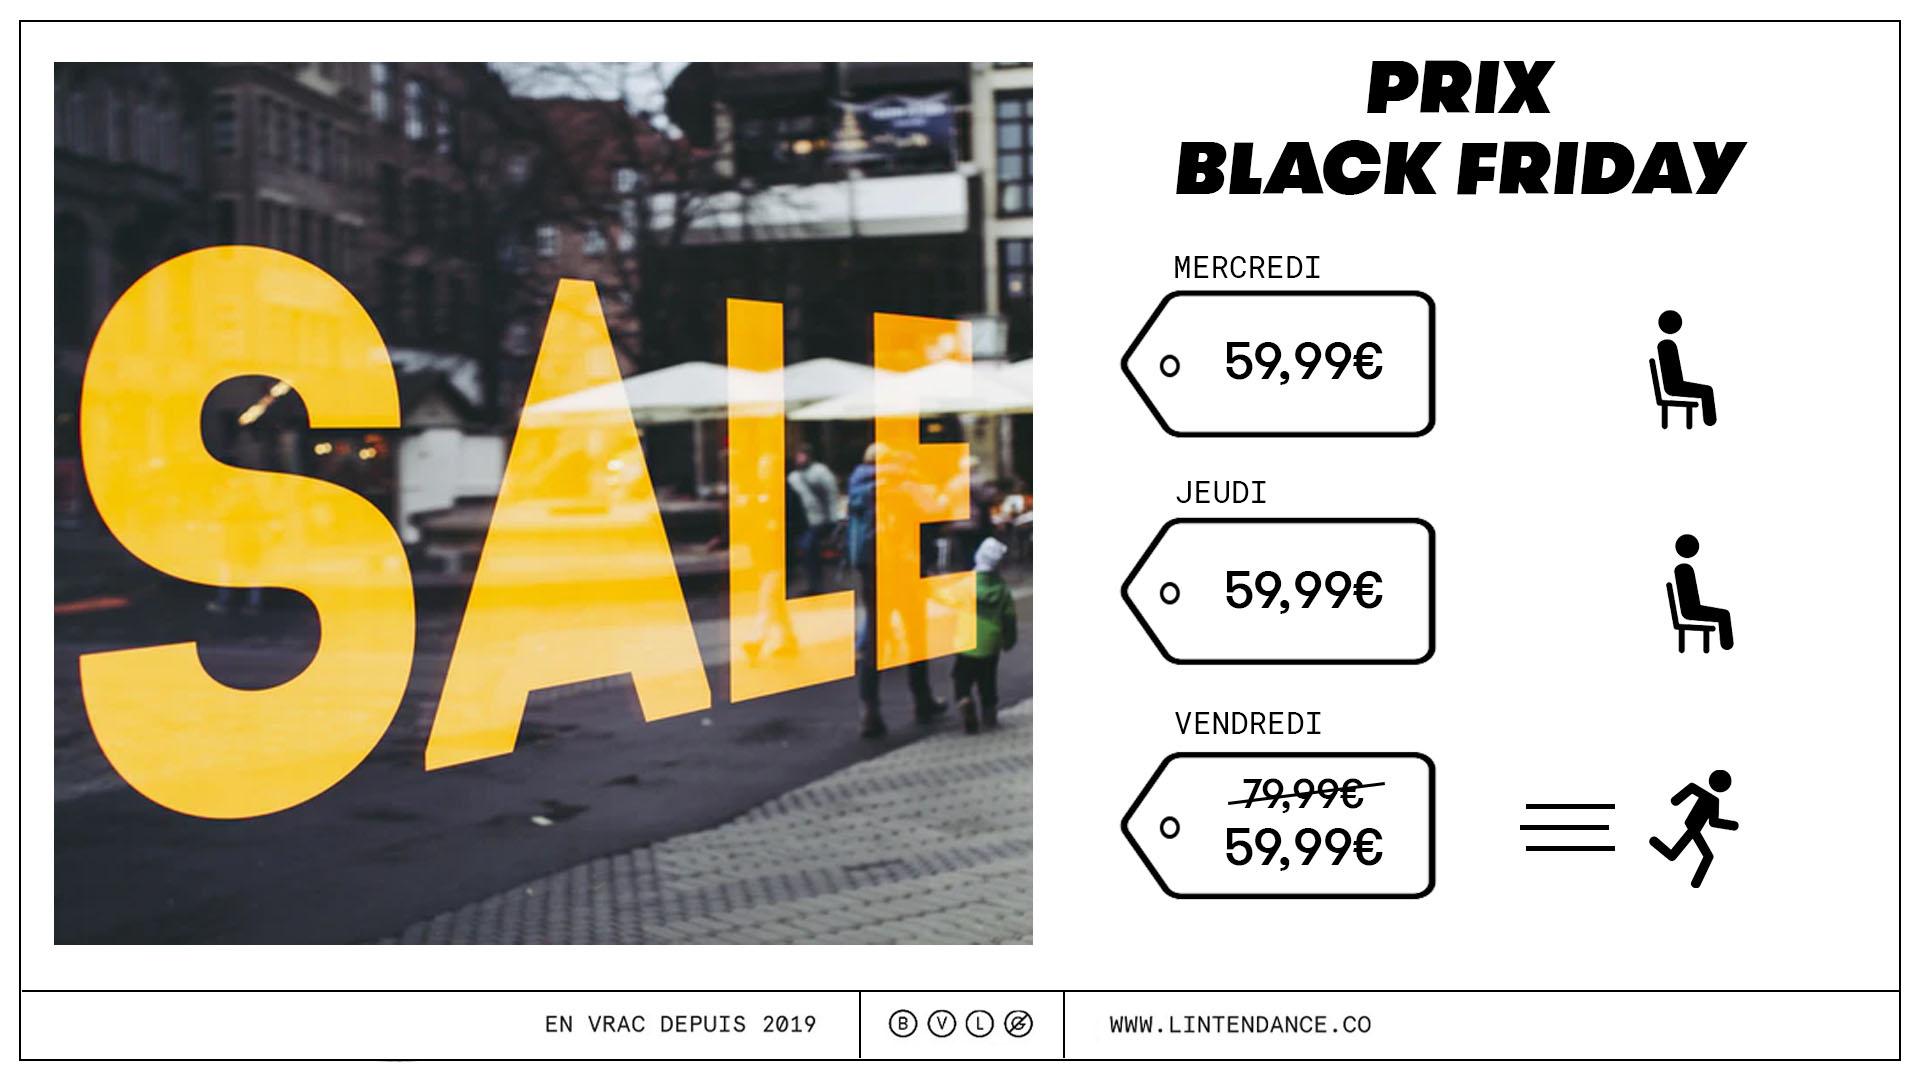 Comparaison des prix entre avant et après le Black Friday